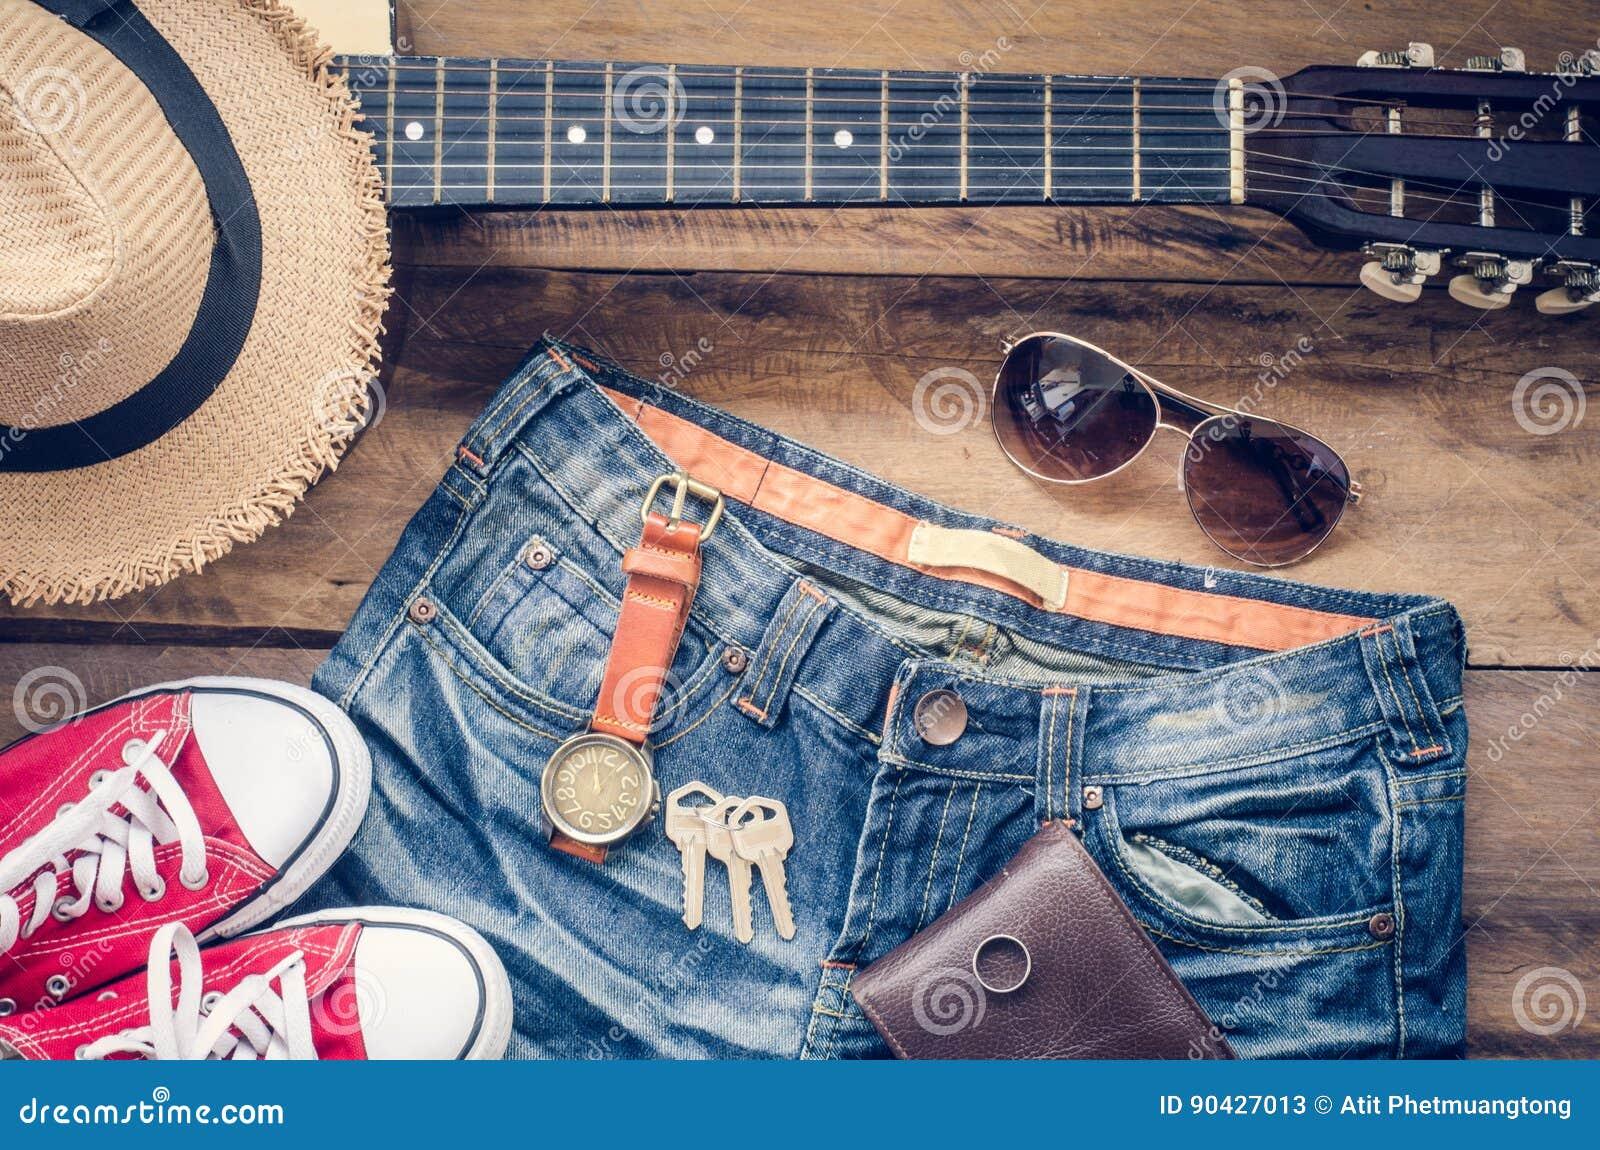 8f7374f79d3 Guitar